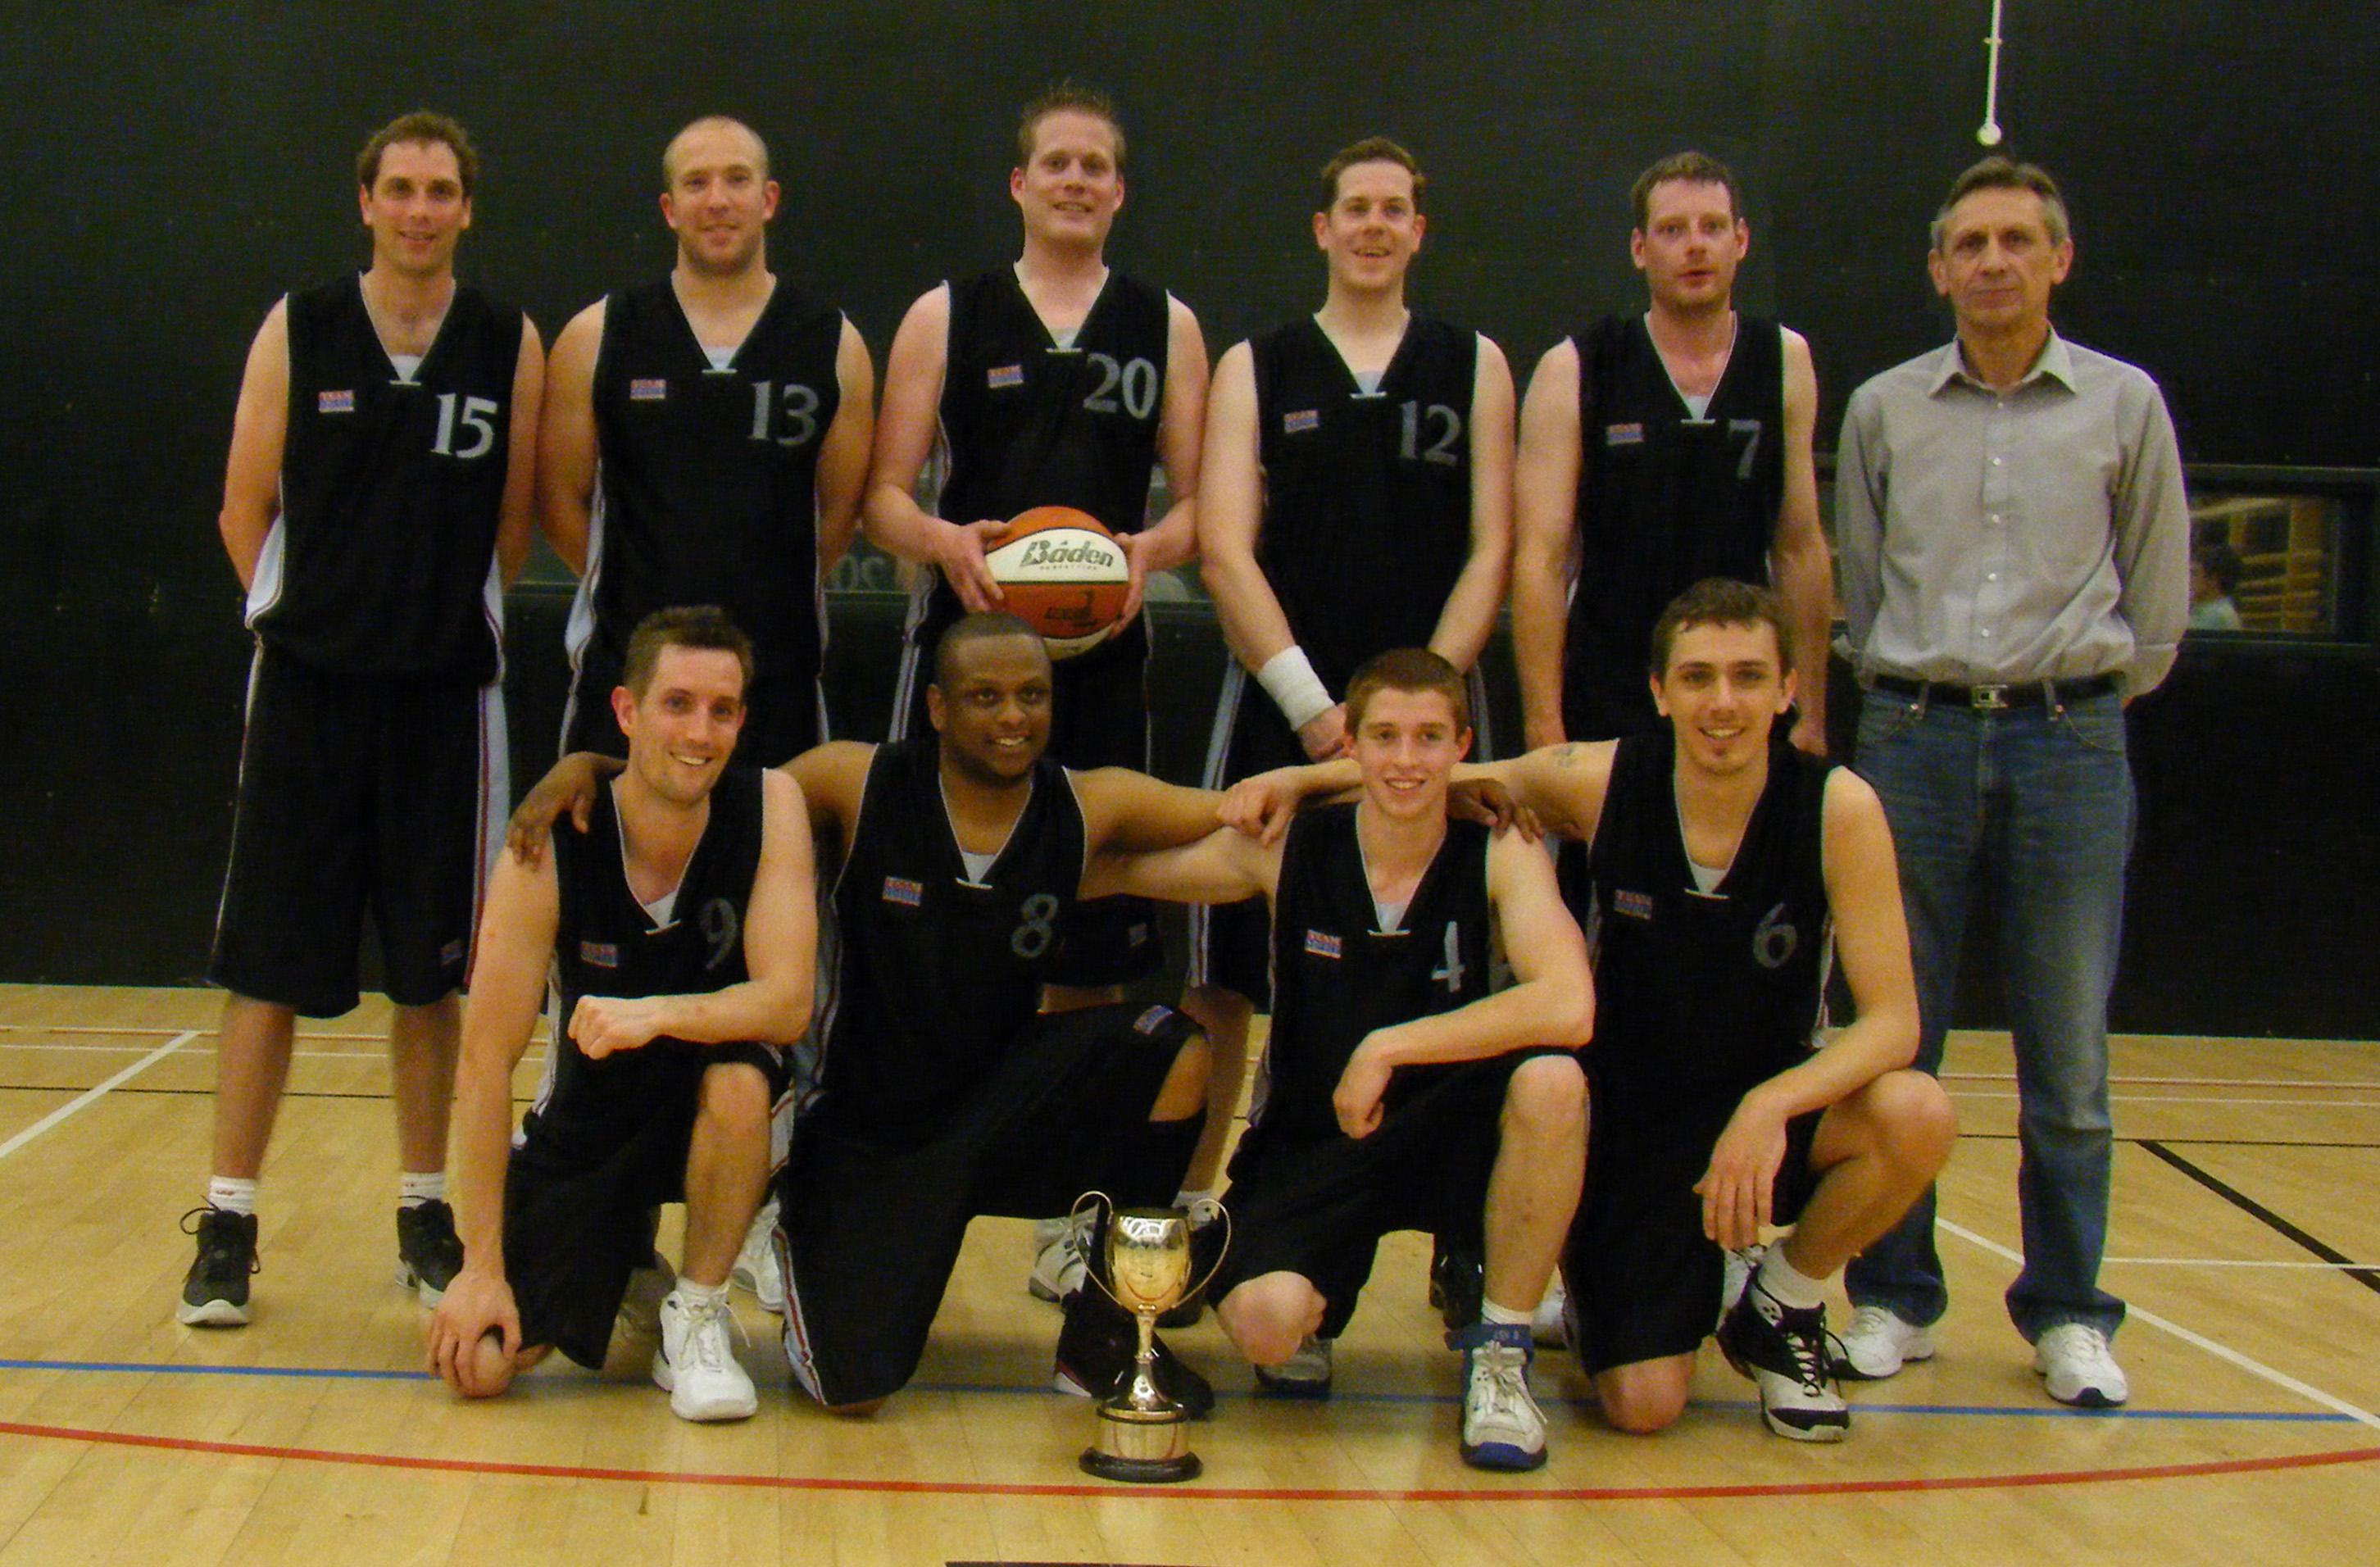 2009 Cup Final Winners